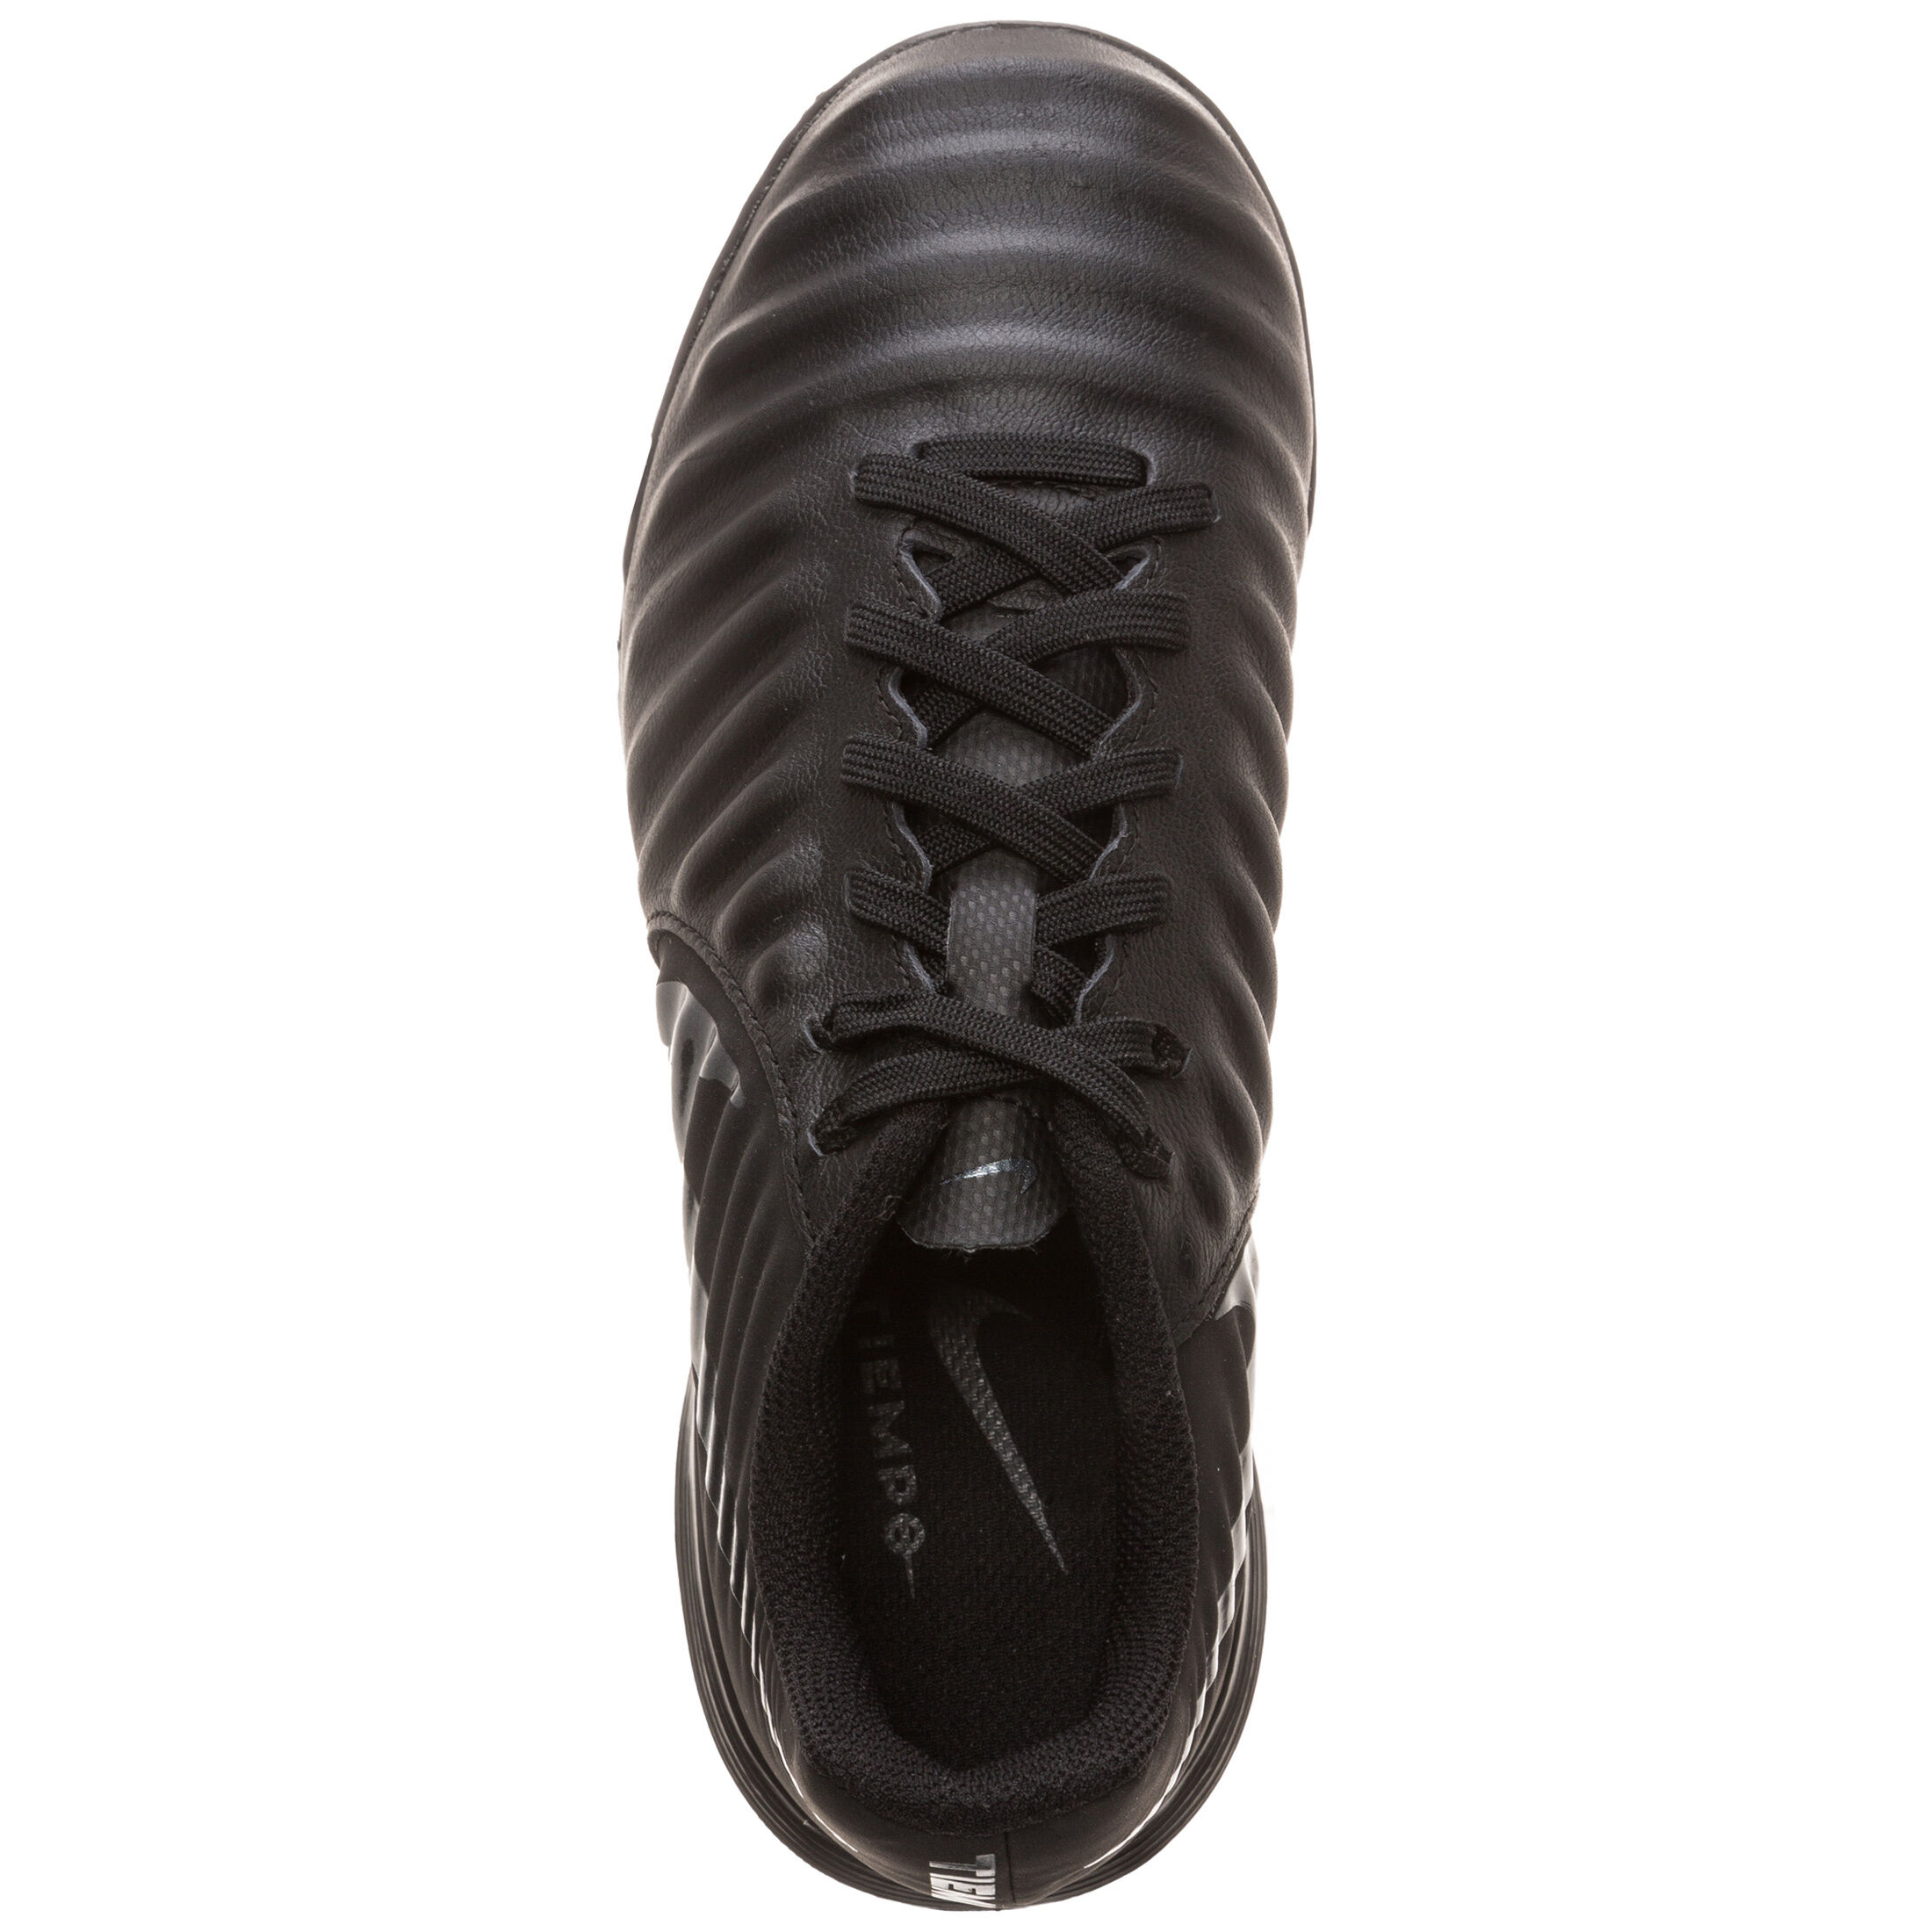 Nike LegendX VII Academy IC Kinder Fußballschuhe Hallenschuhe AH7257 001 schwarz